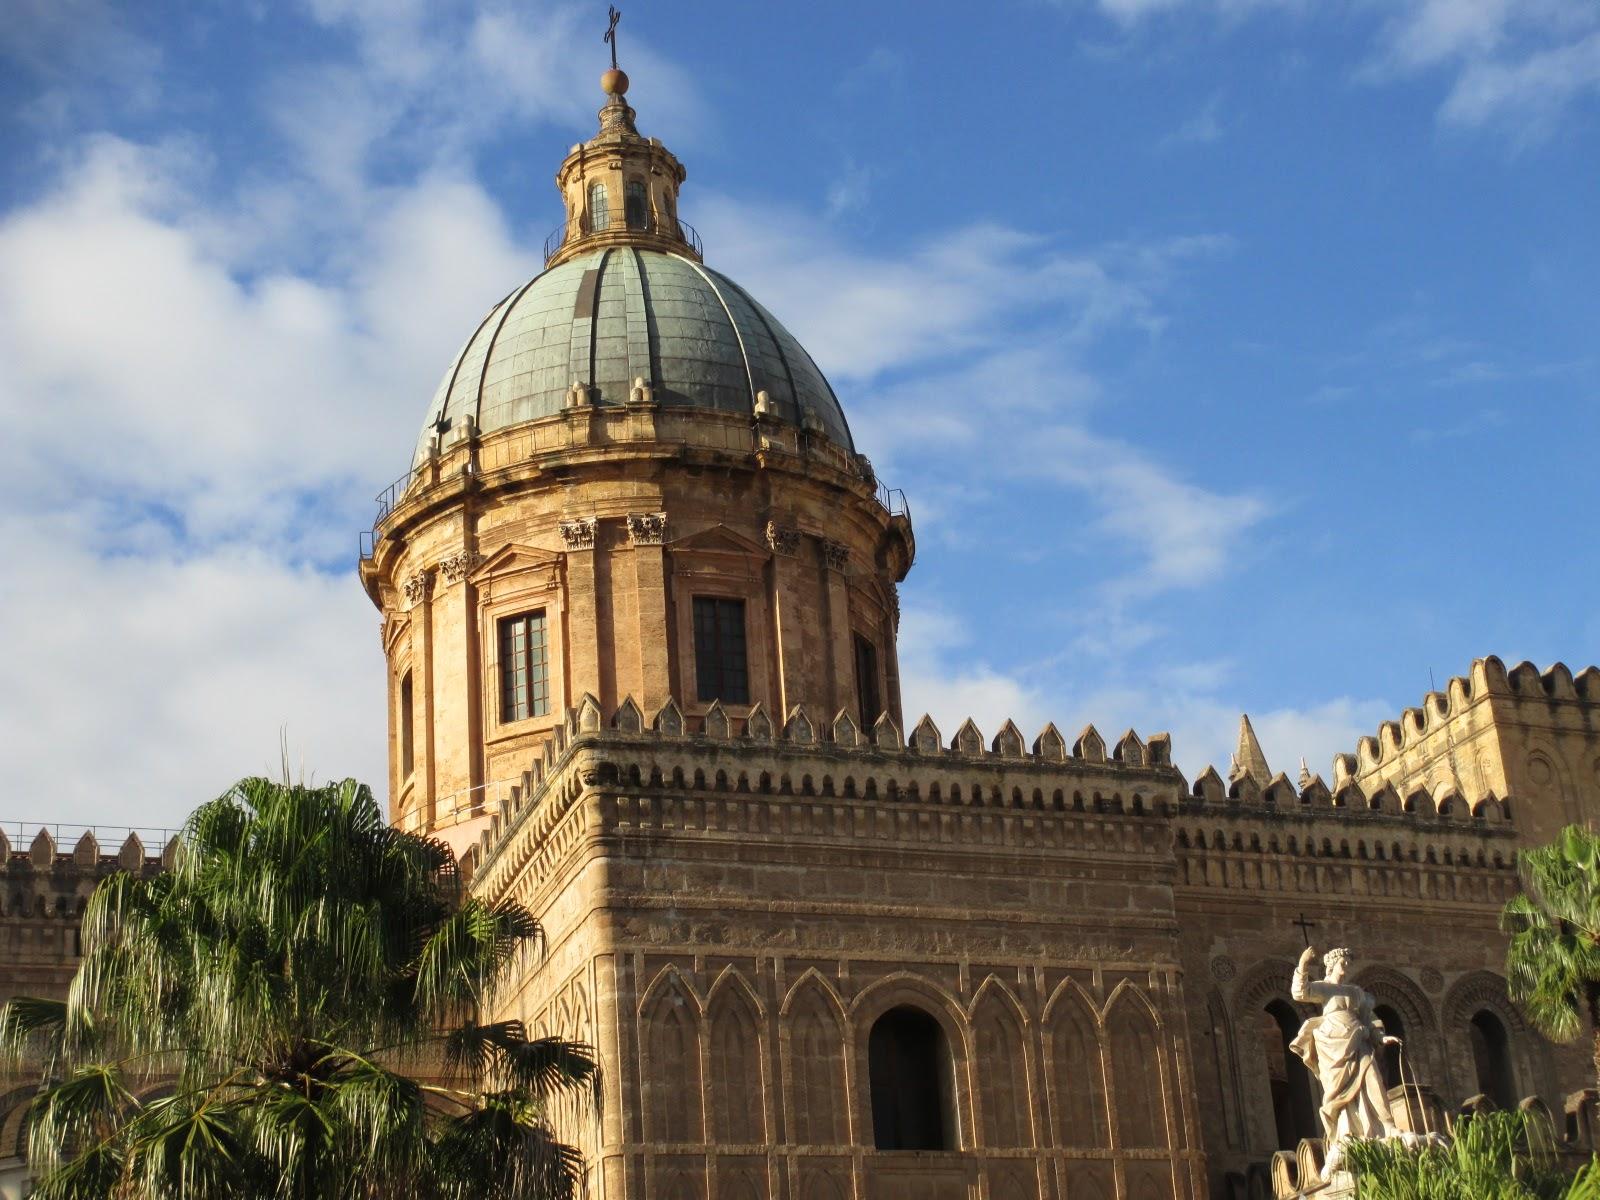 Skyline palermitano: cupola neoclassica su architettura arabo normanna